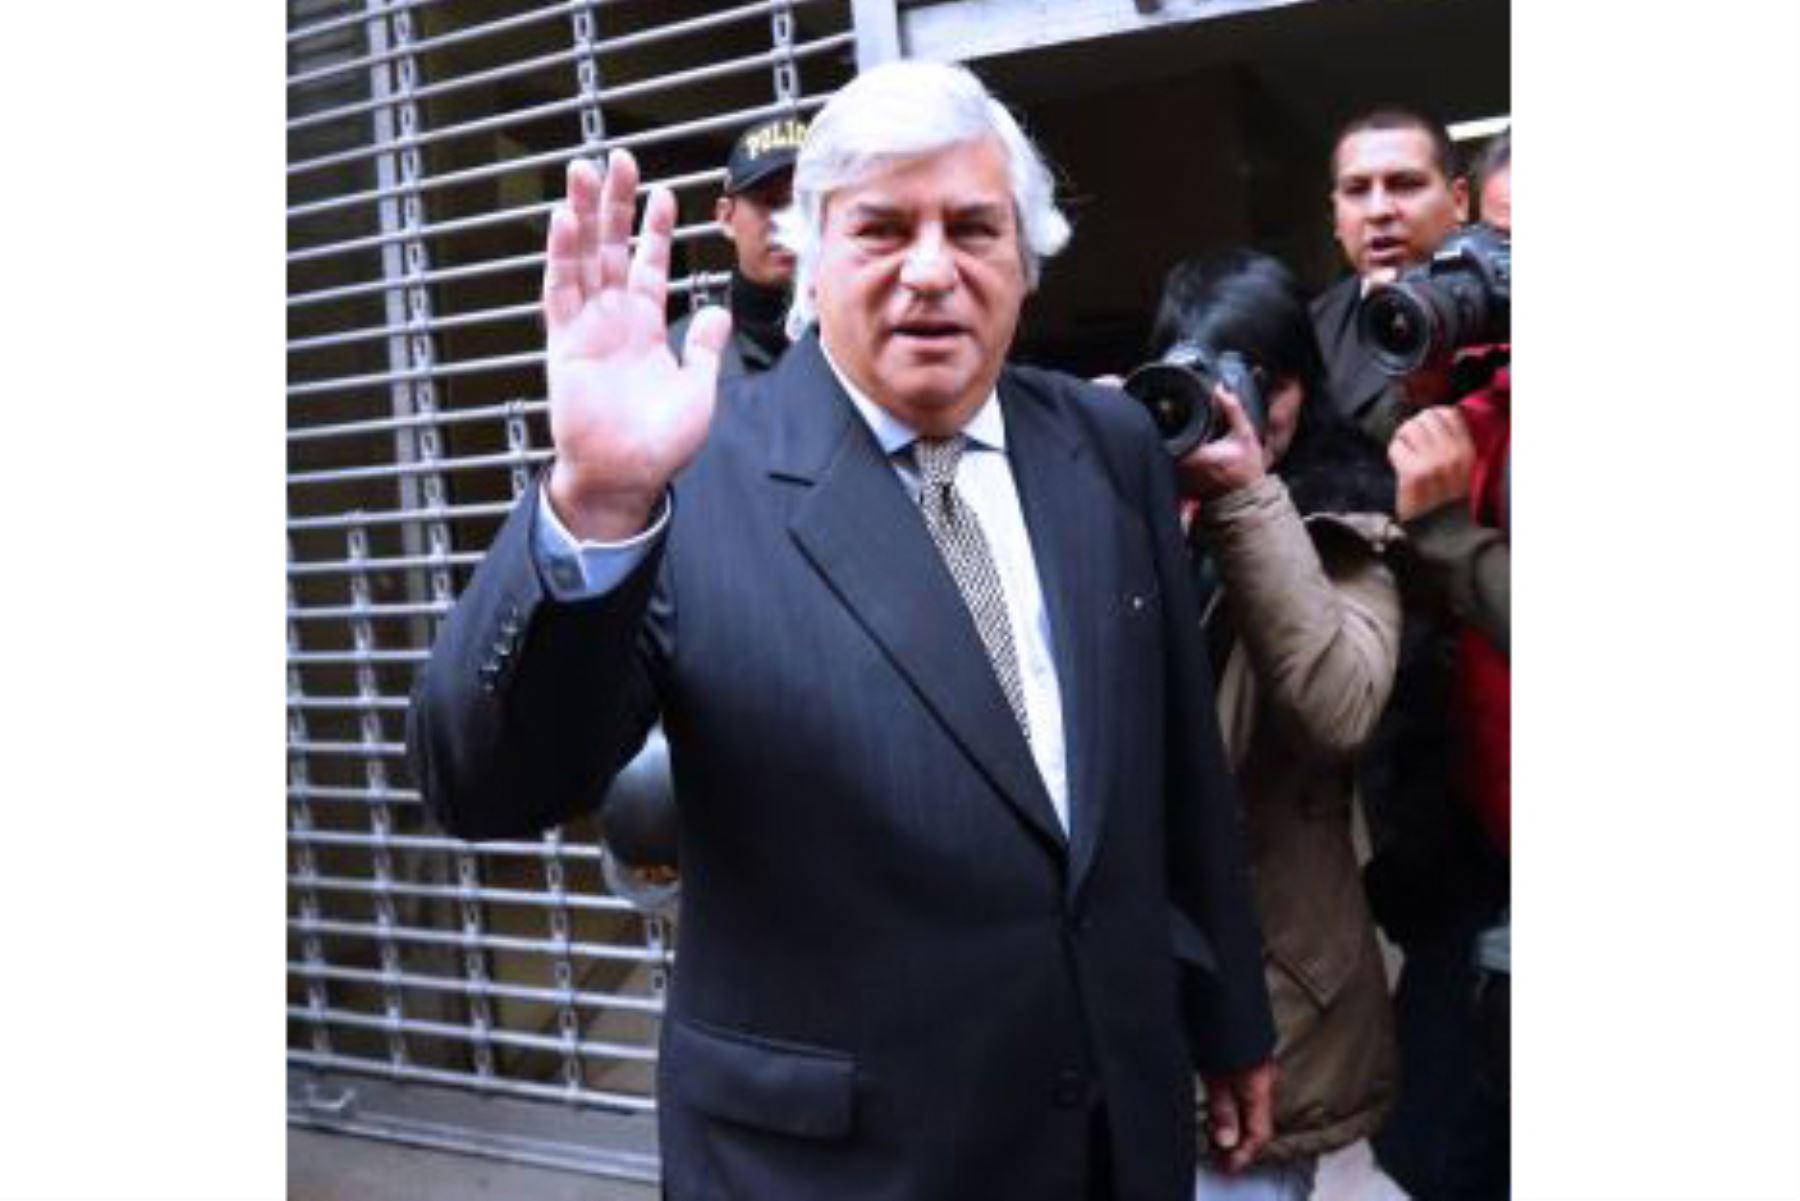 El exparlamentario Fernando Olivera no pudo inscribir a su partido ante el JNE. Foto: ANDINA/difusión.